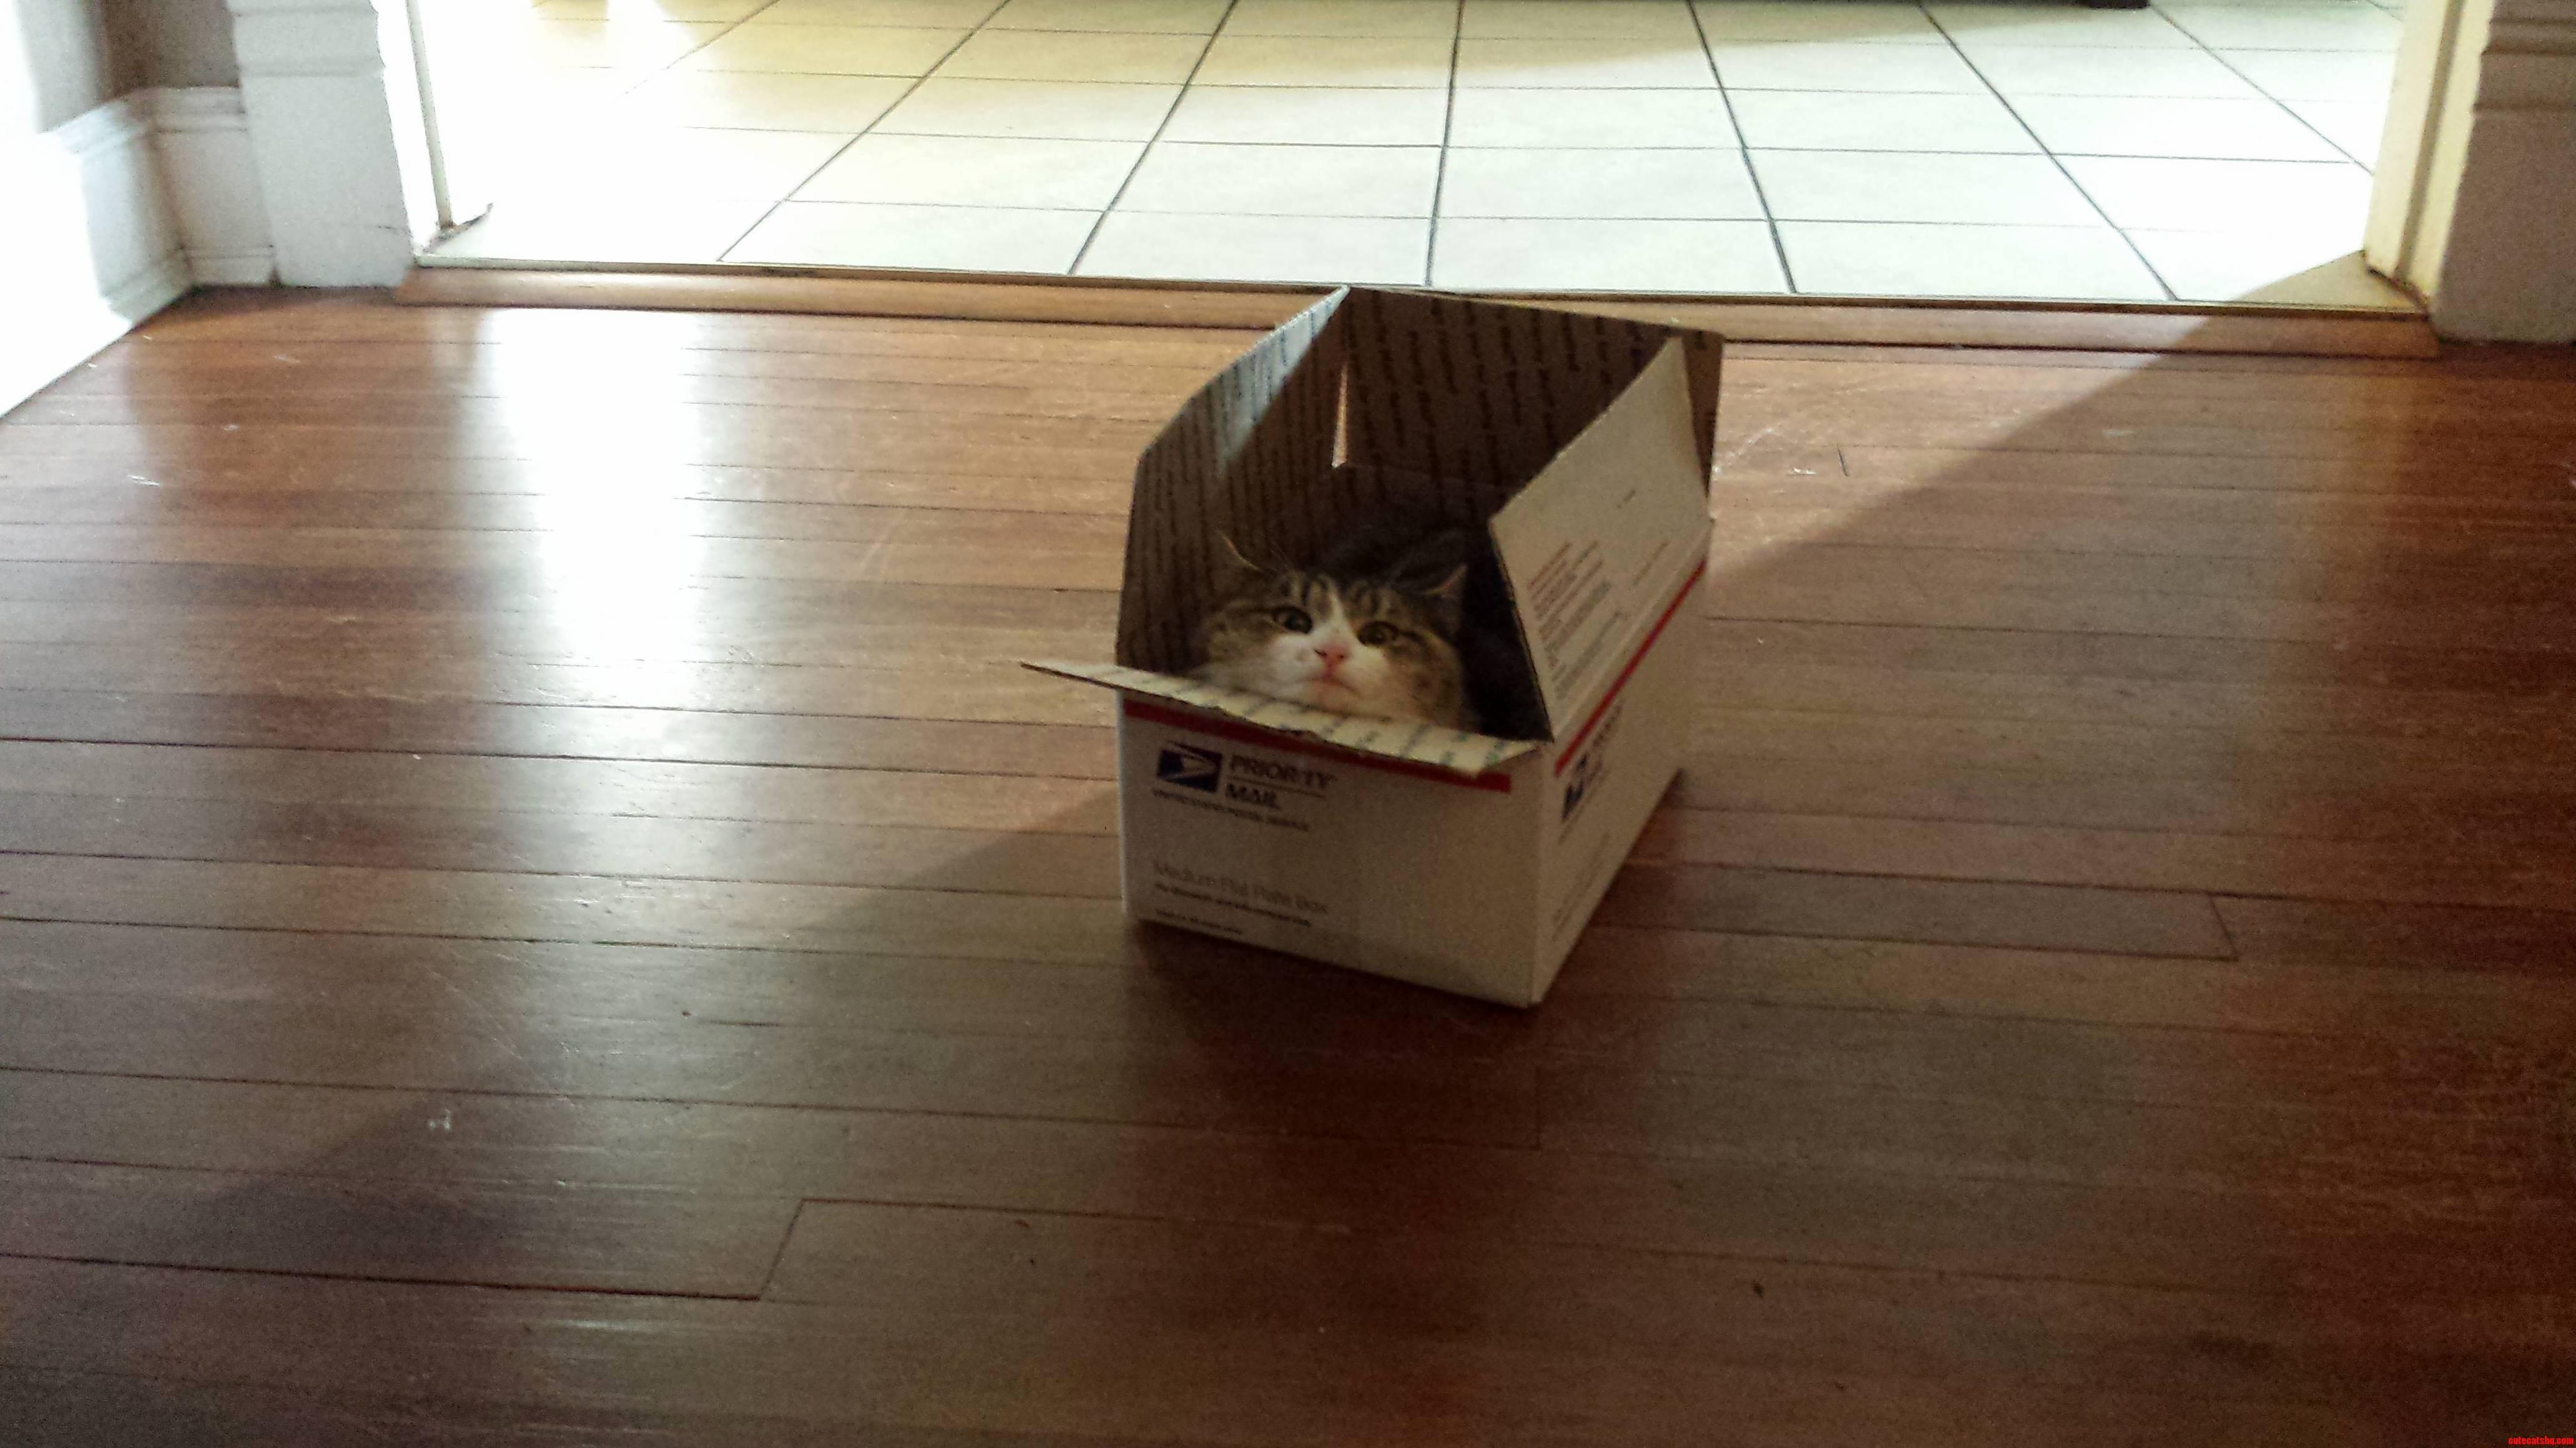 Her Box.